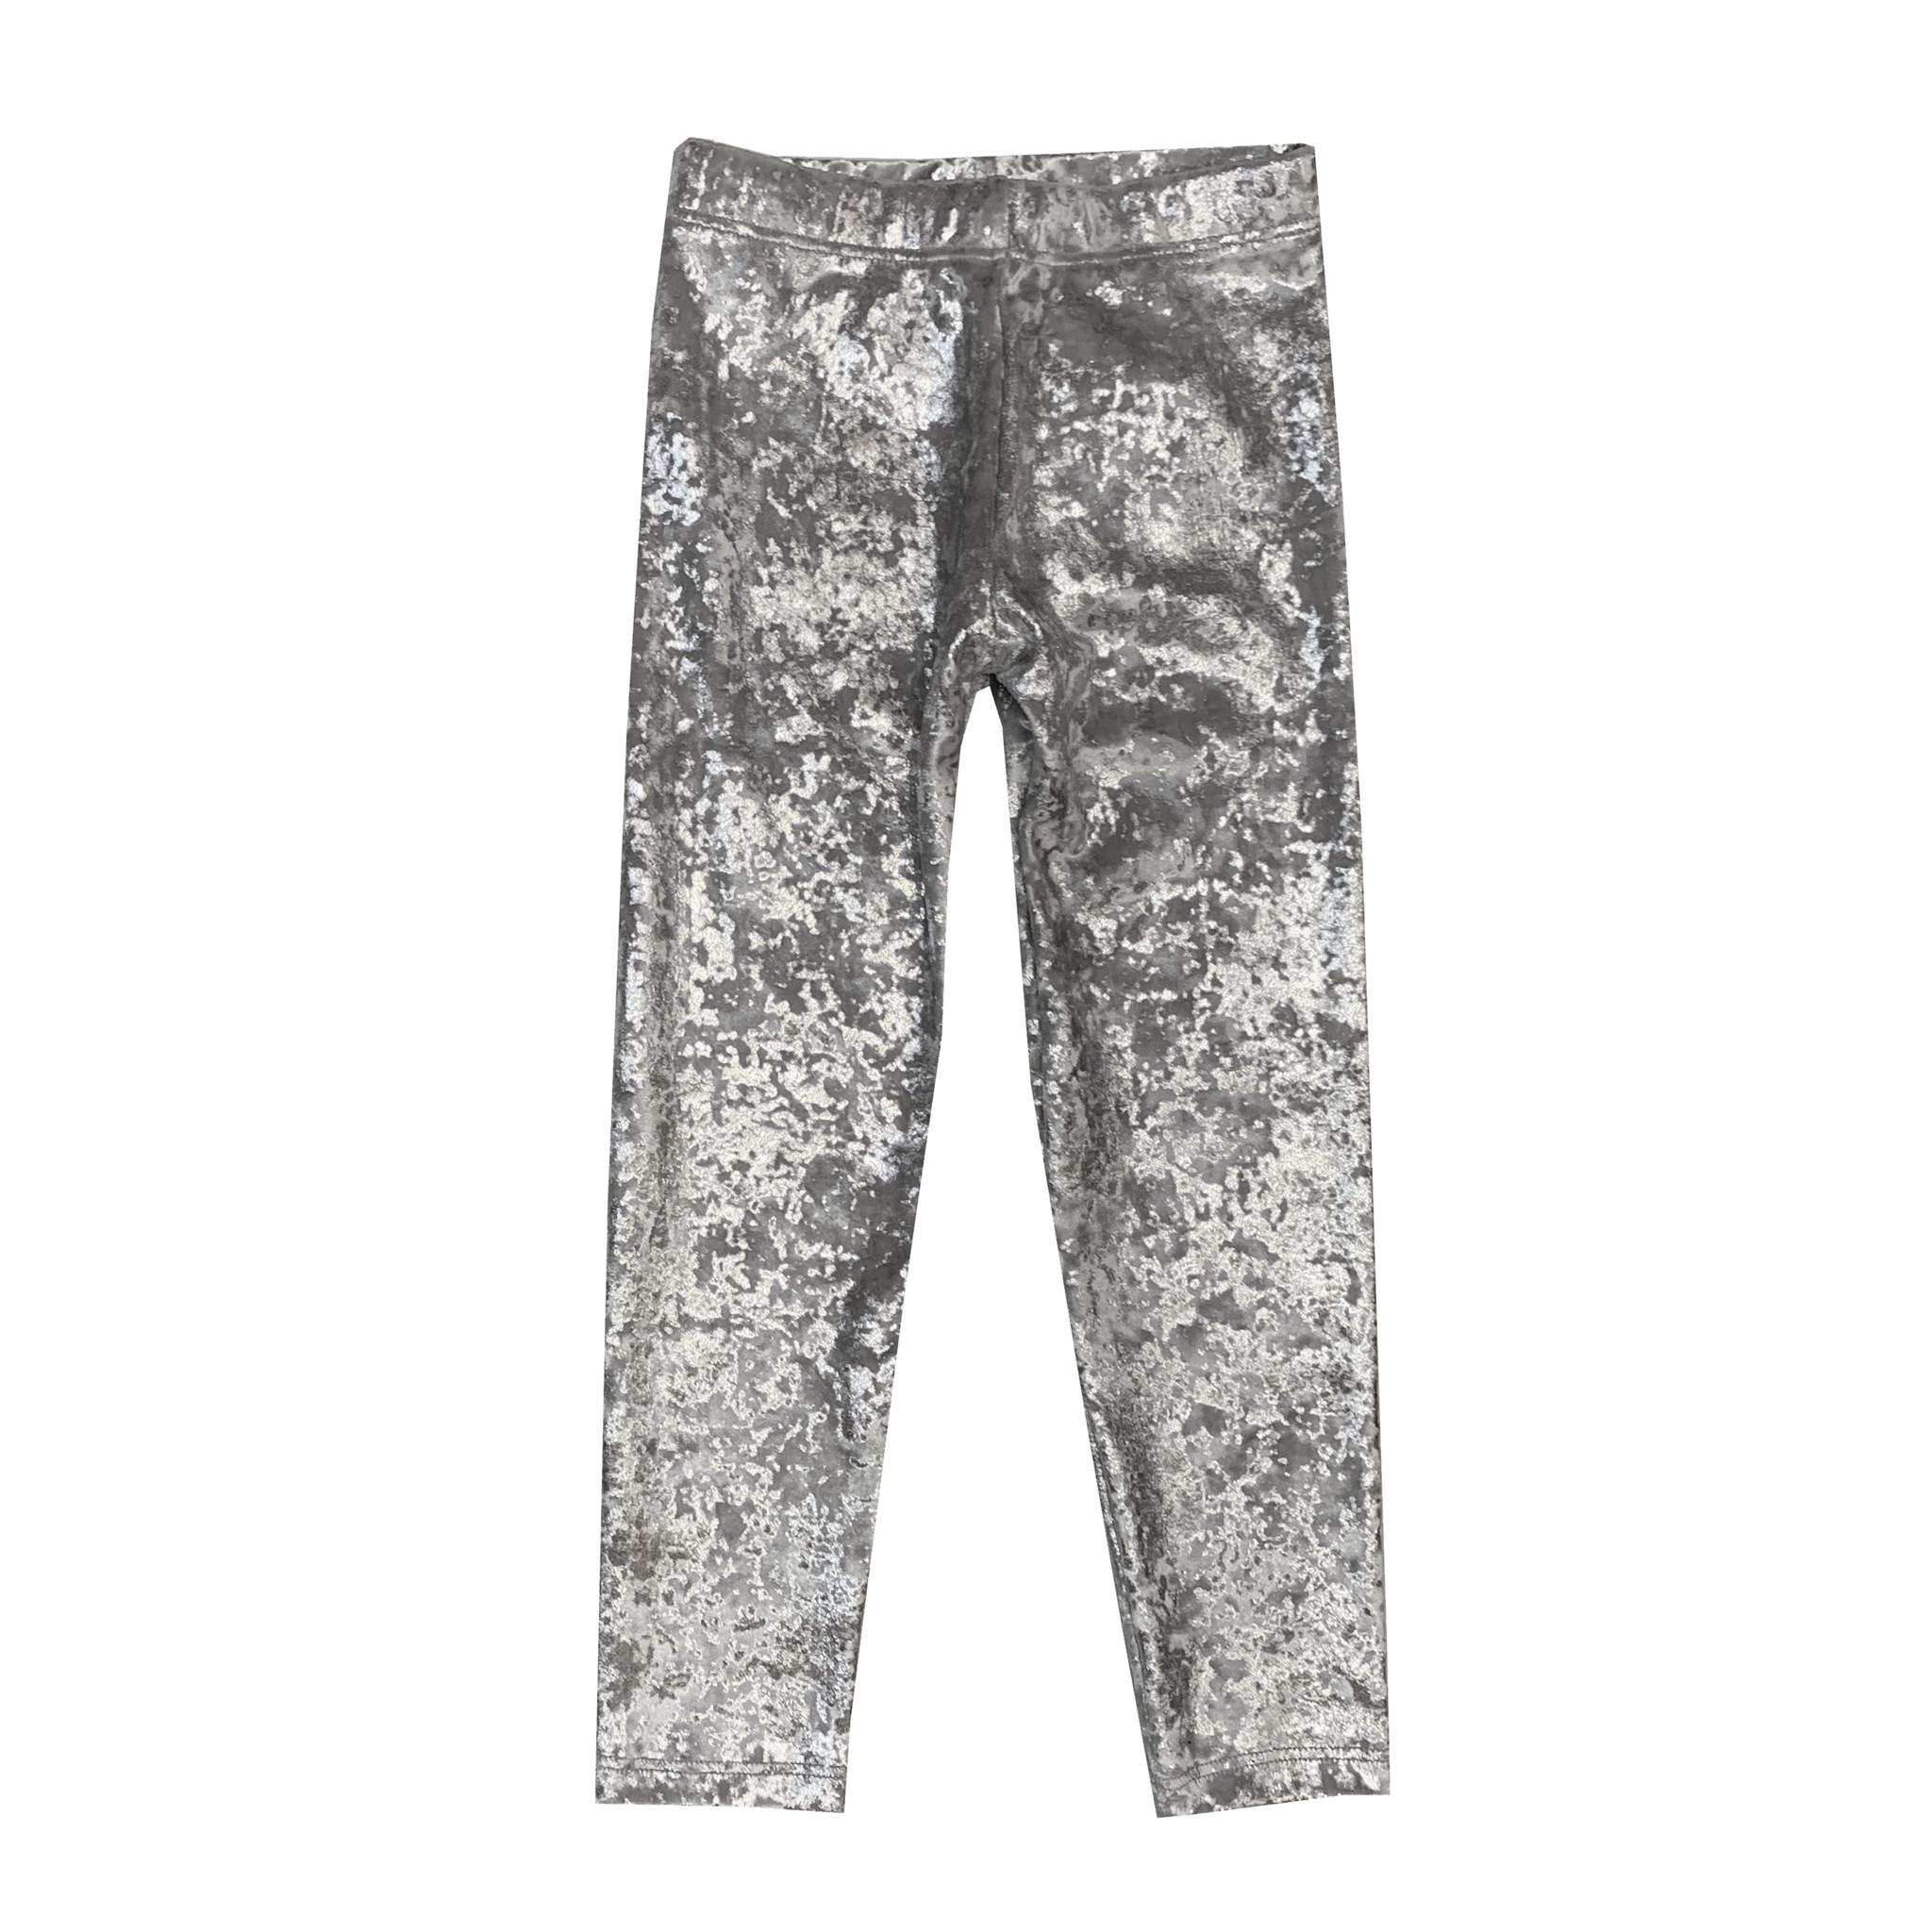 Dori Creations Silver Crushed Velvet Legging